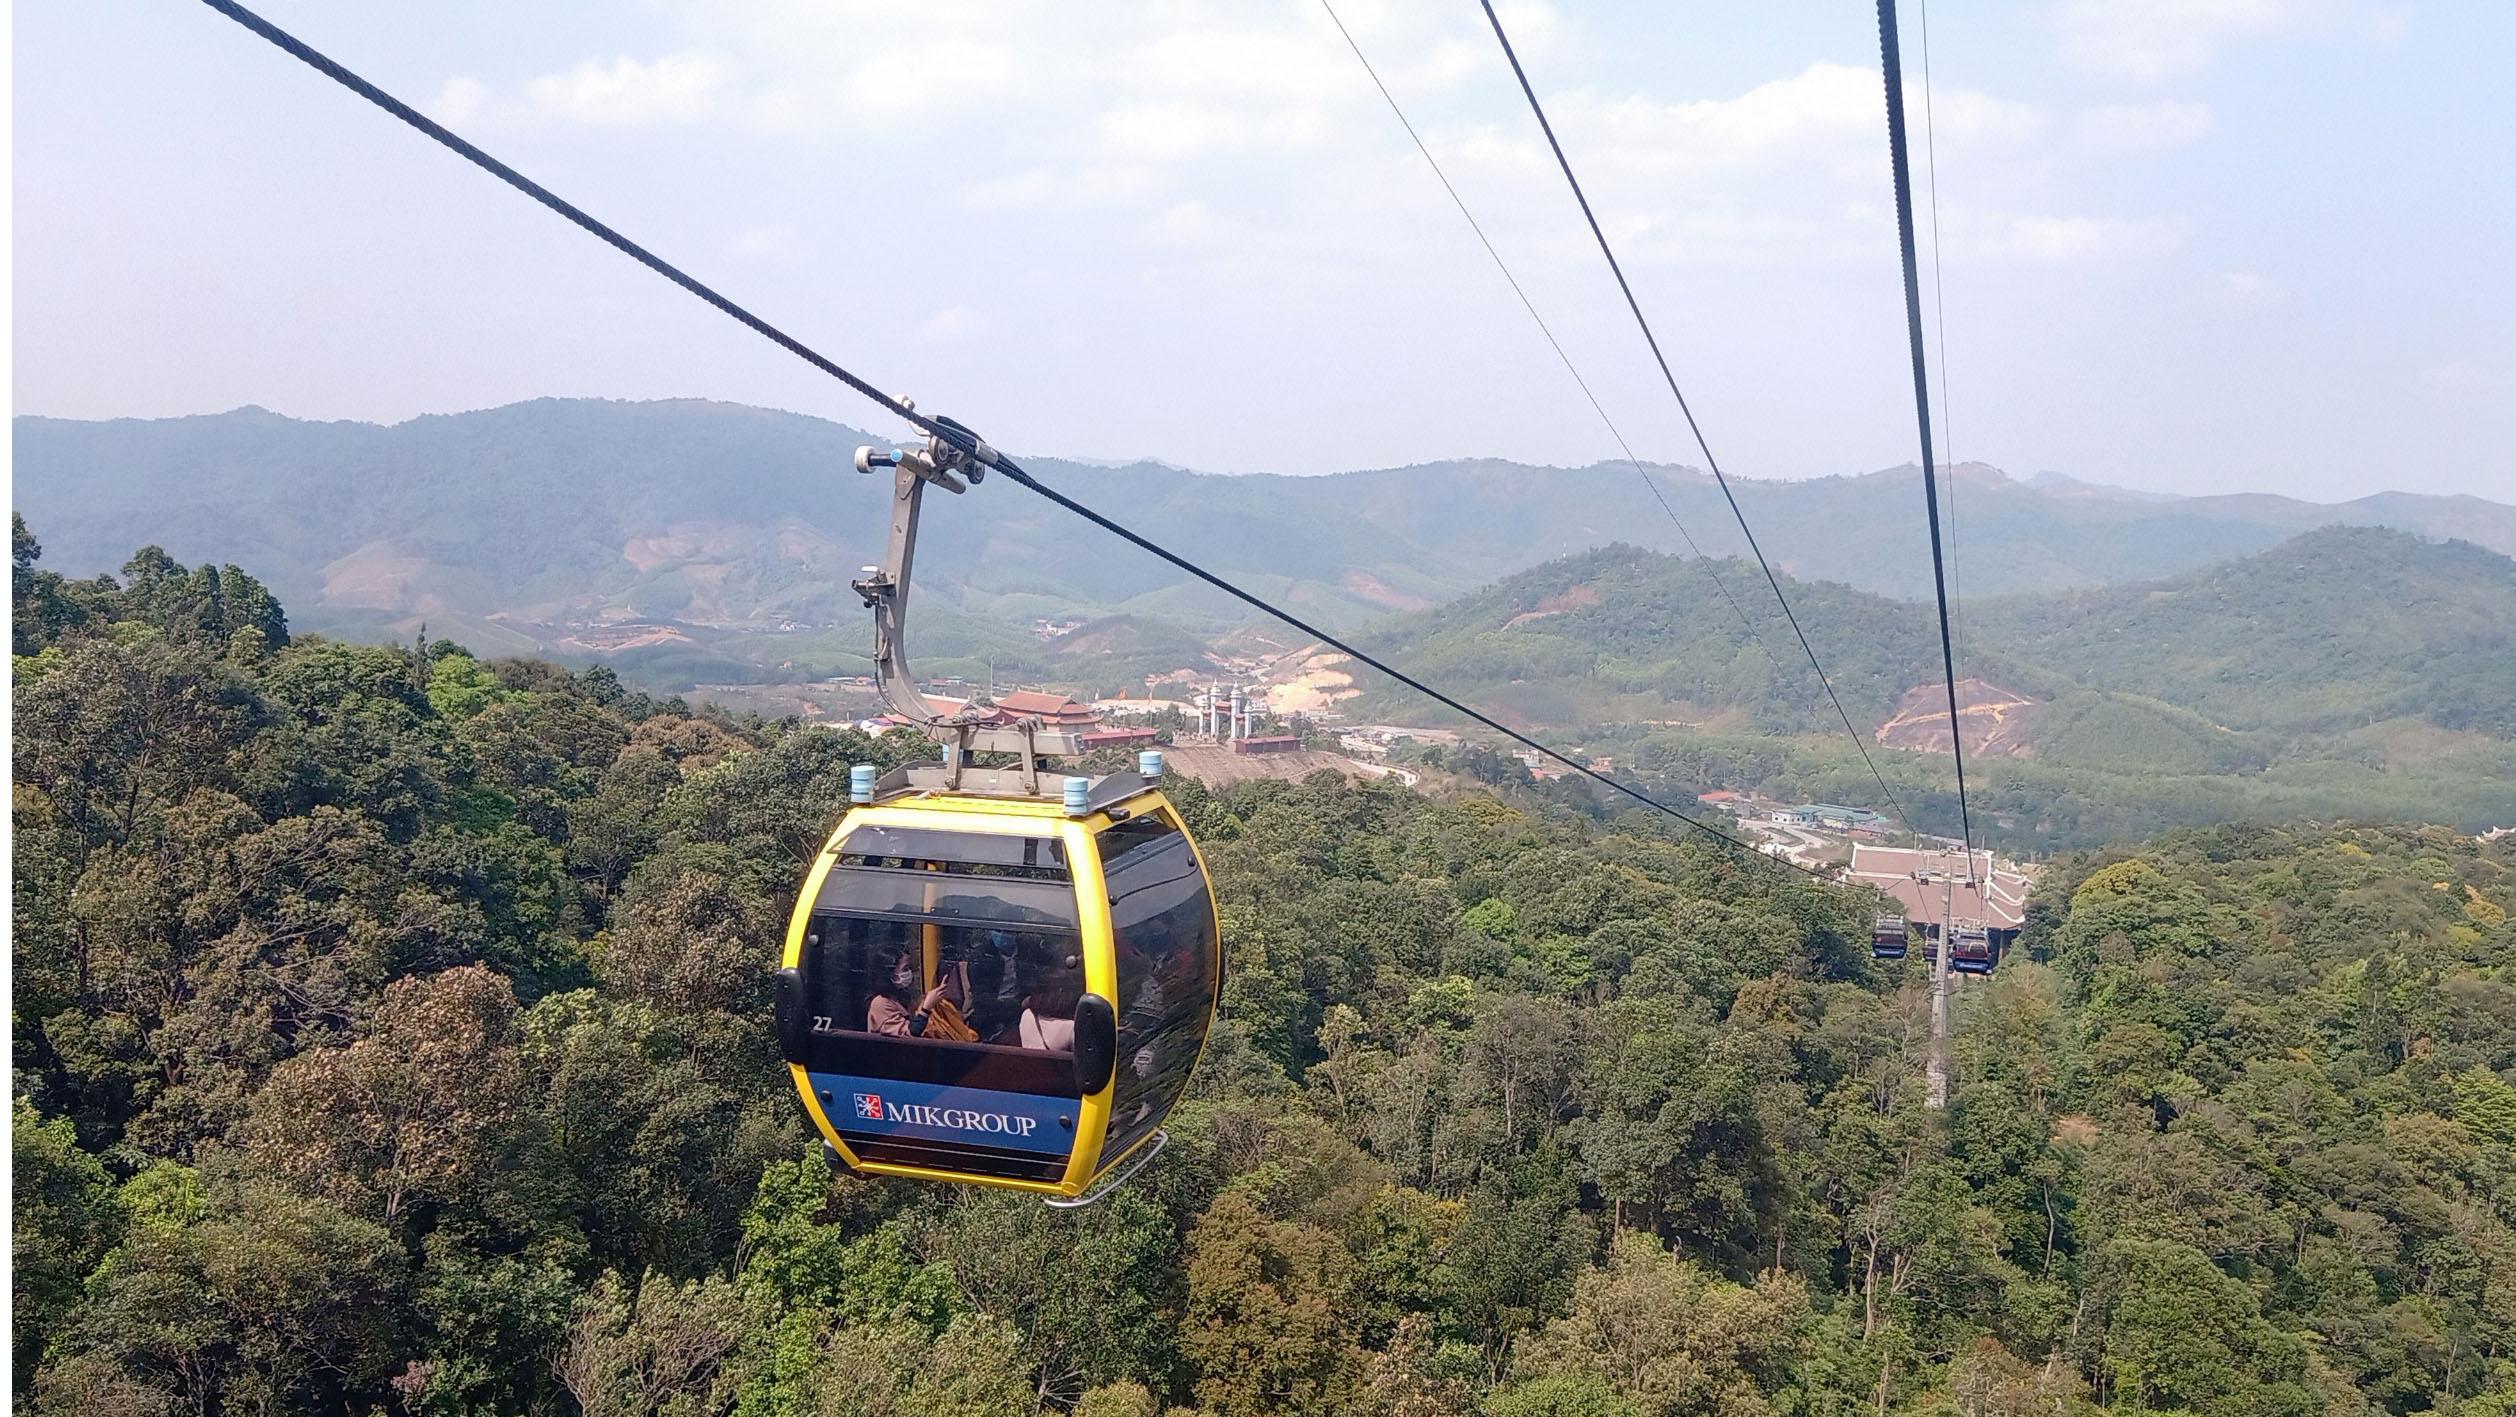 Bắc Giang: Nhiều khu, điểm du lịch vắng khách do ảnh hưởng dịch Covid-19